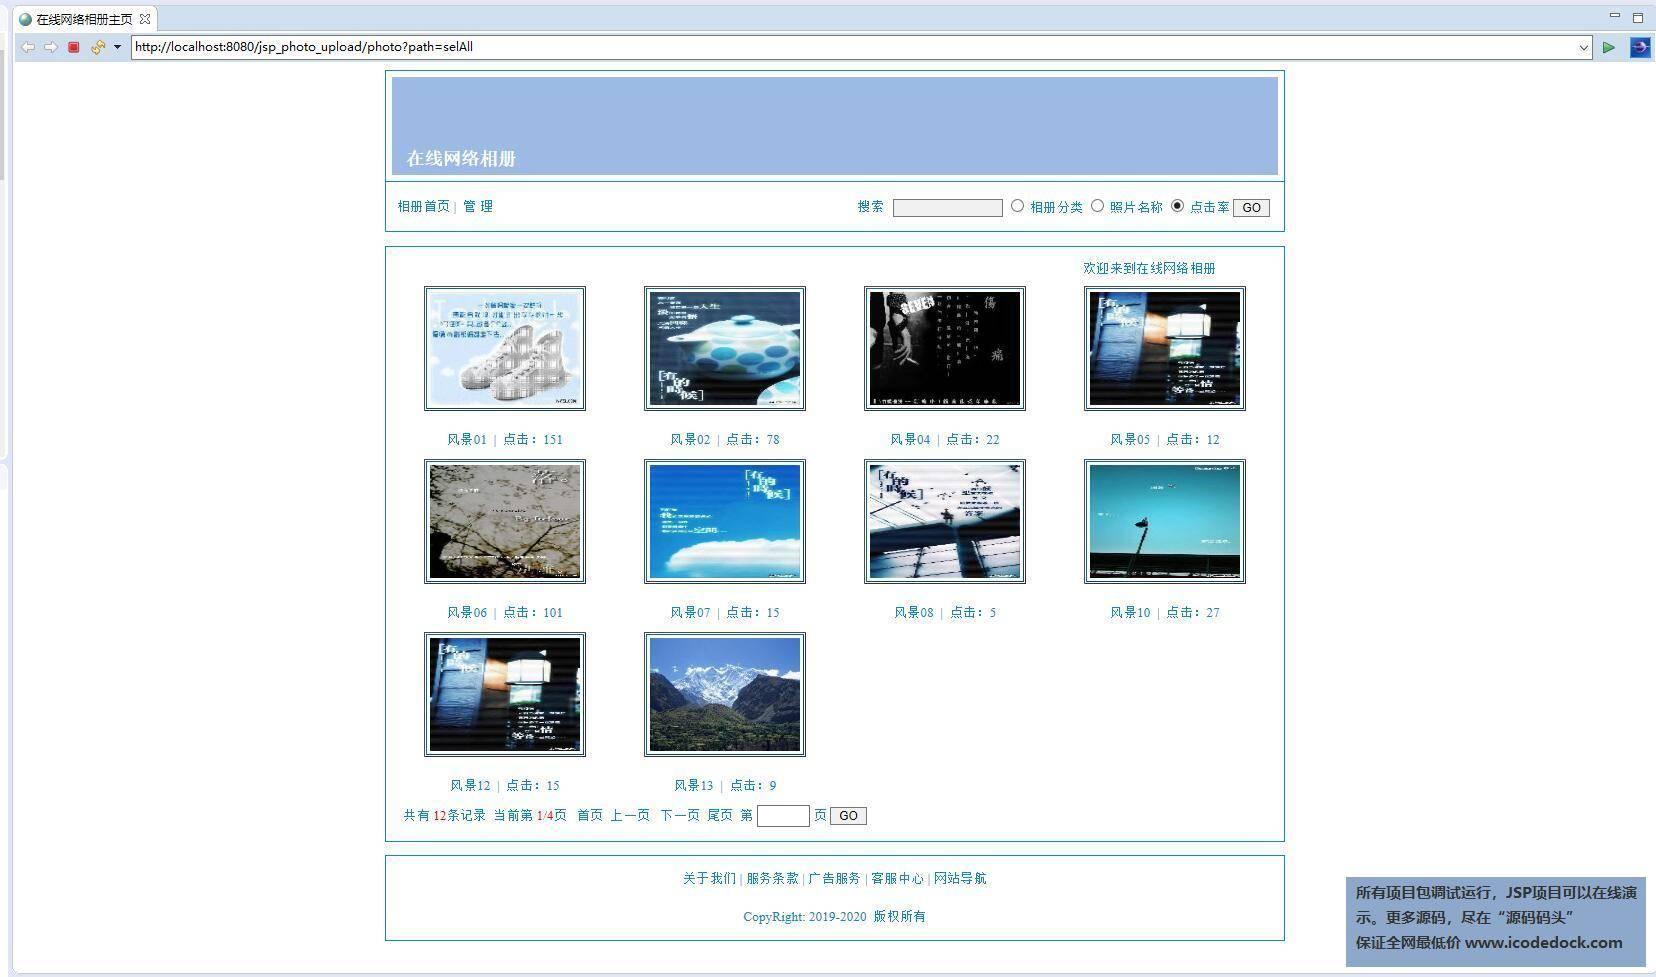 源码码头-JSP相册管理系统-用户角色-用户首页